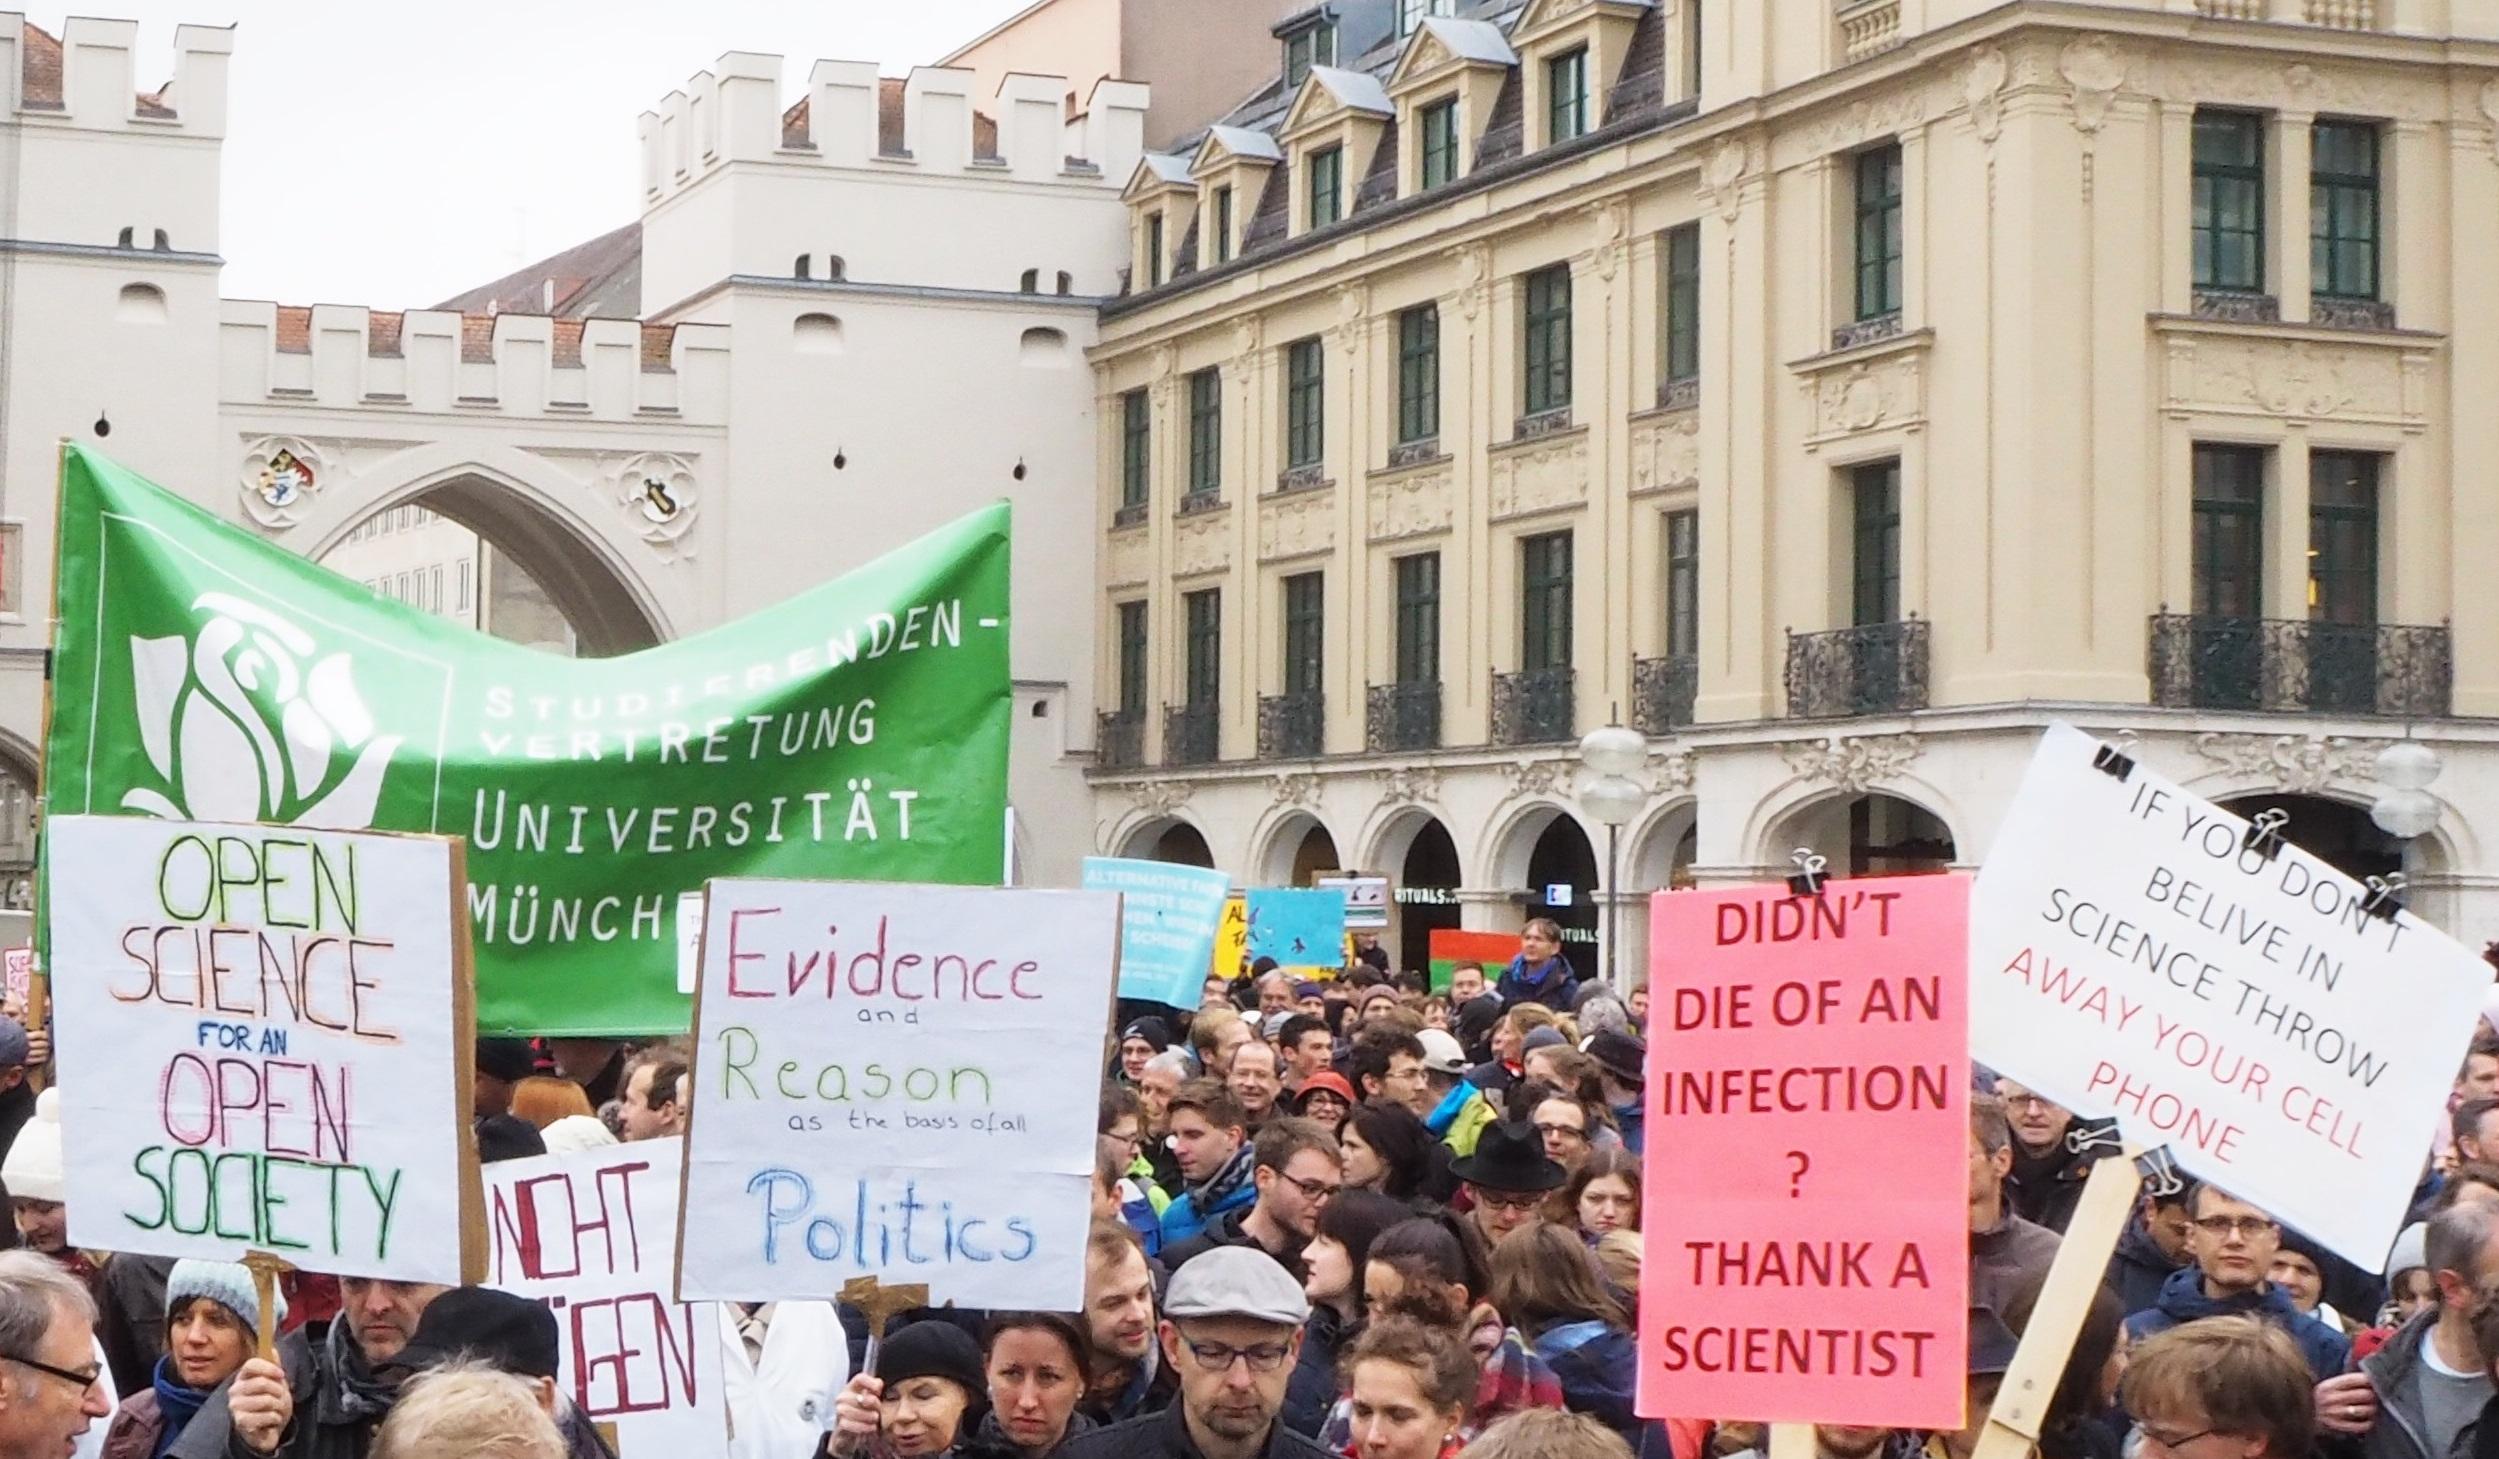 In mehr als 600 Städten weltweit, wie hier in München, gingen Tausende für die Wissenschaft auf die Straße. Credit: Lindau Nobel Laureate Meetings